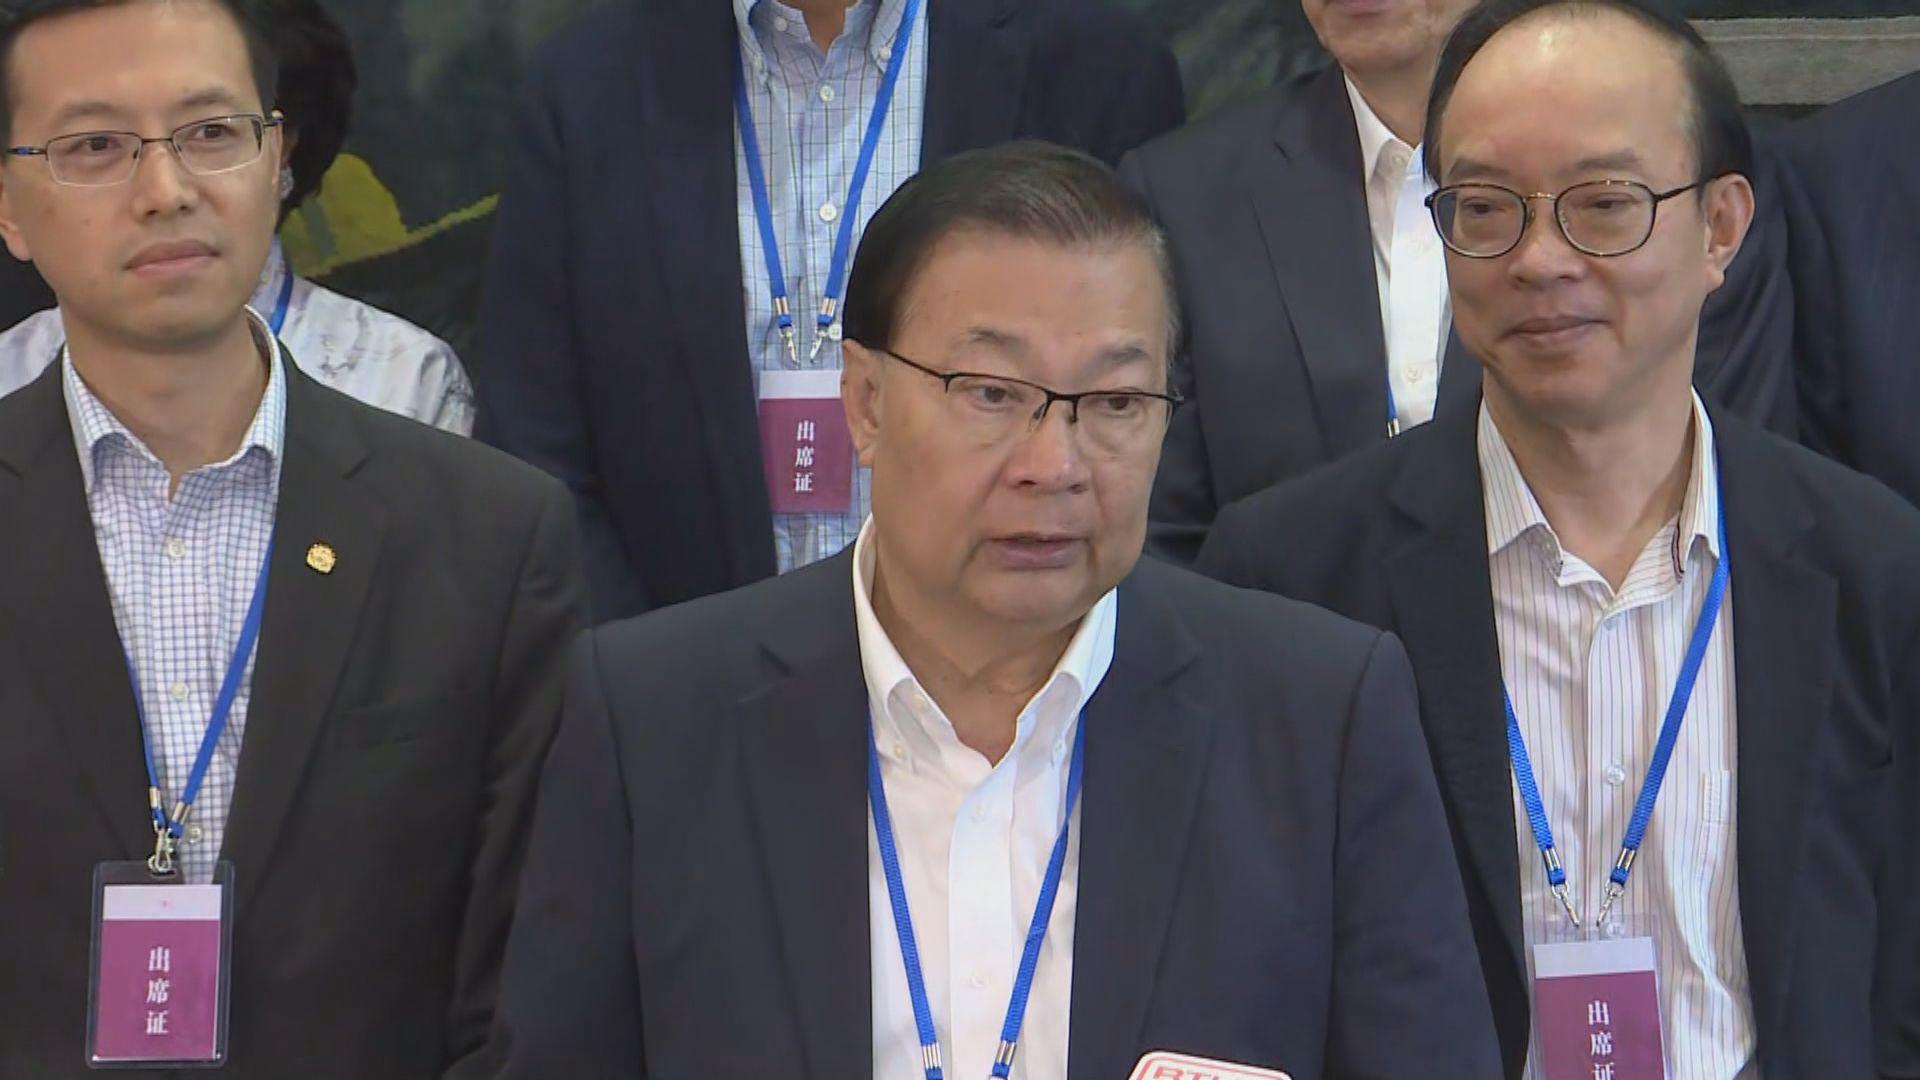 譚耀宗引述張曉明指要「止暴制亂」